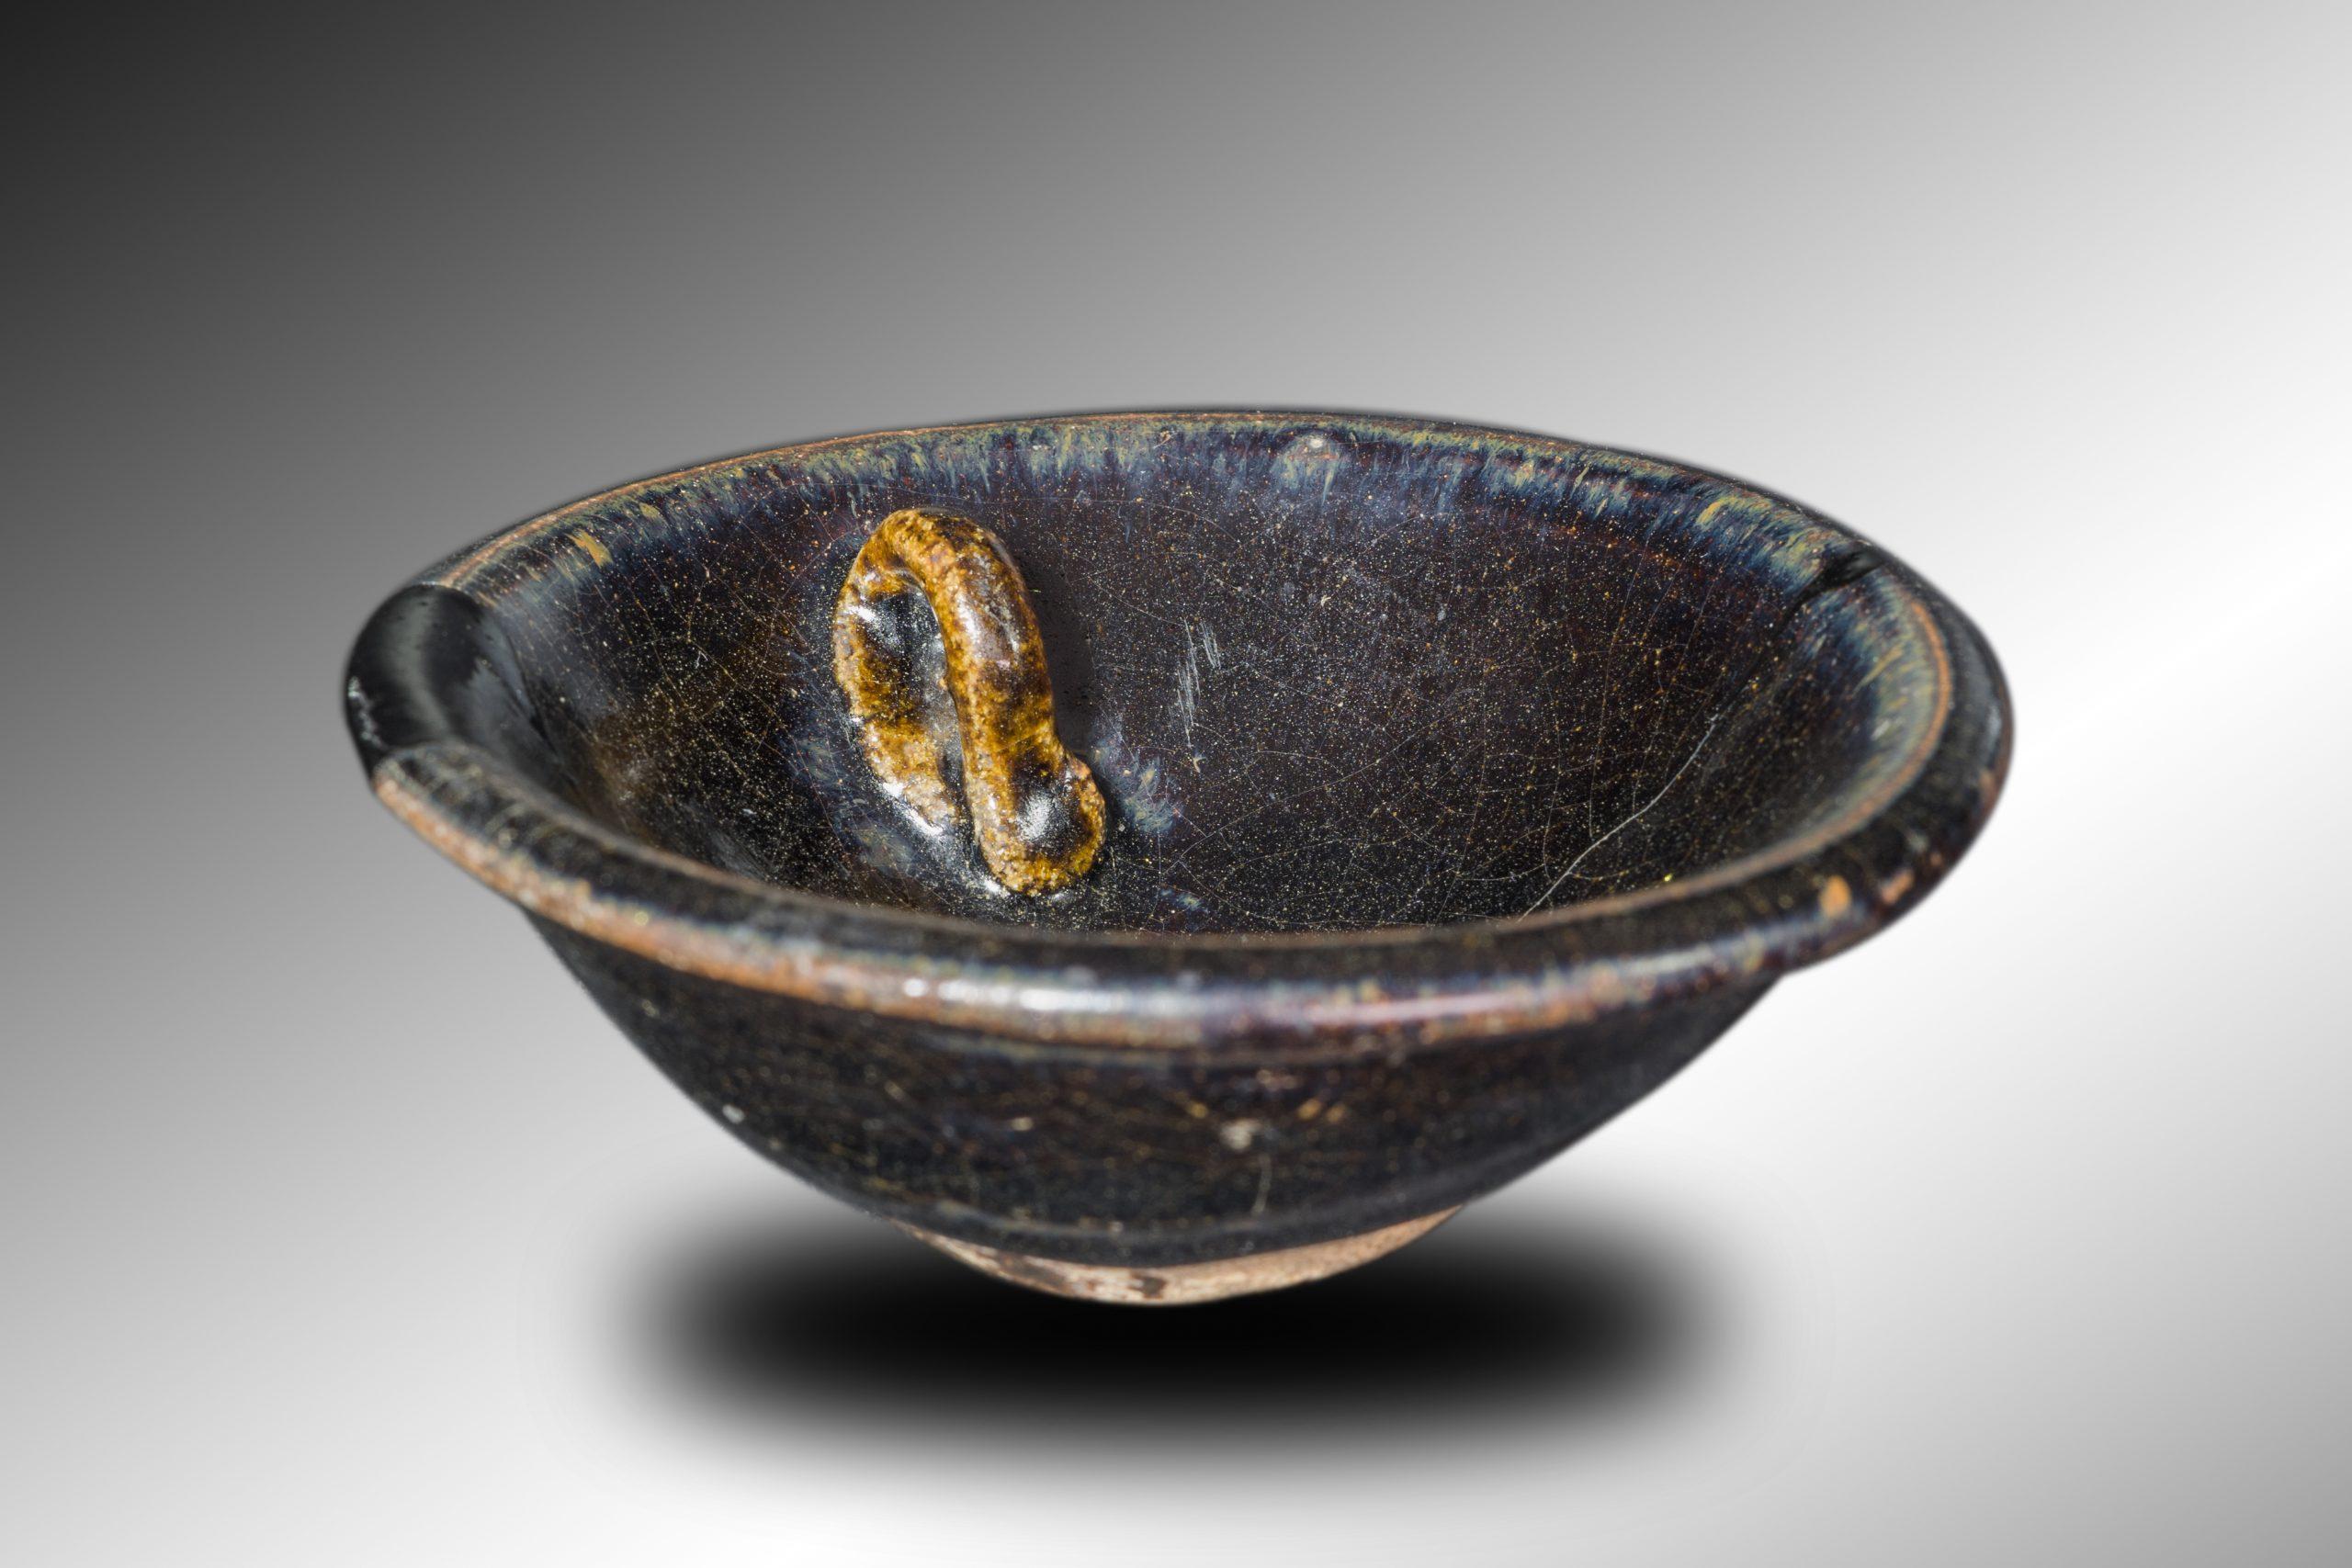 釉面黝黑盏内有一个小耳用于支撑灯芯的乌金釉灯盏